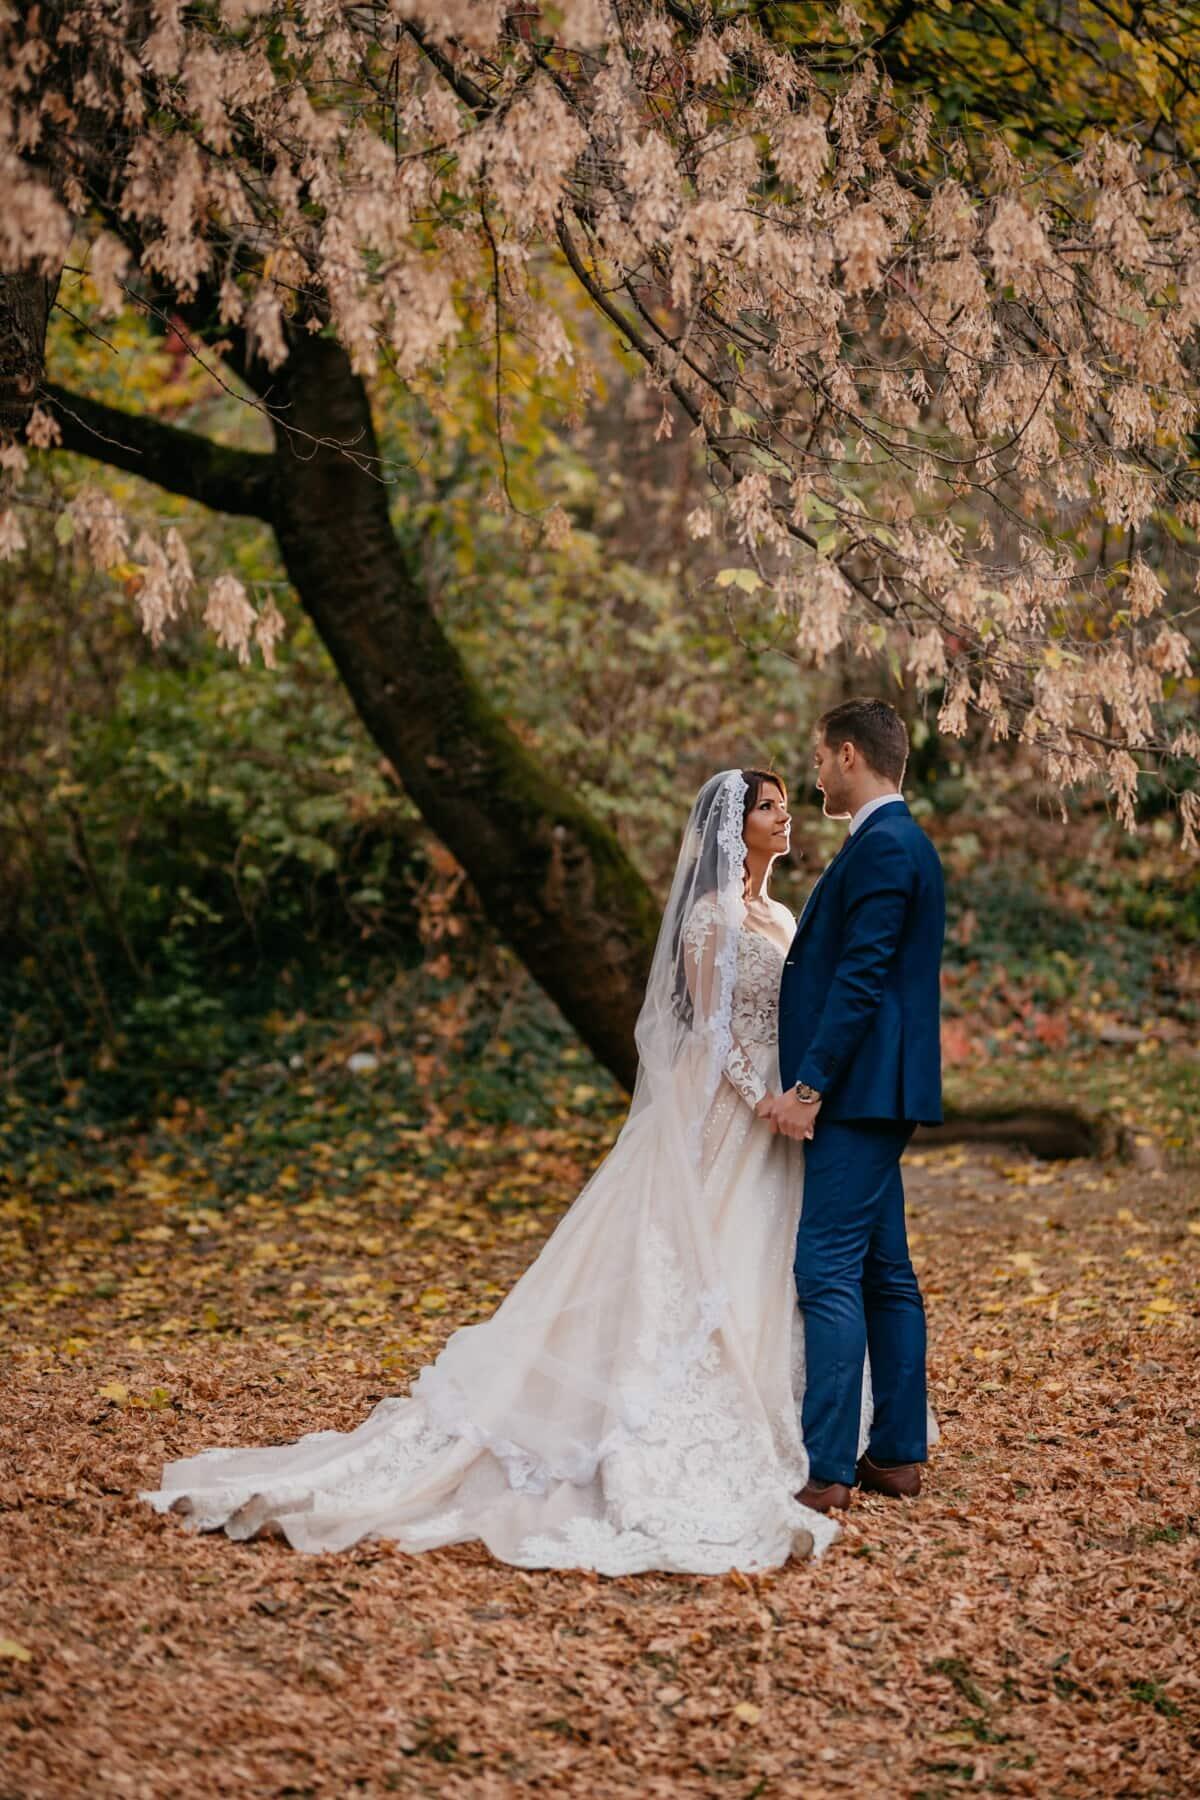 pengantin, berdiri, pengantin pria, musim gugur musim, pohon, cabang, berpegangan tangan, hutan, pernikahan, gadis